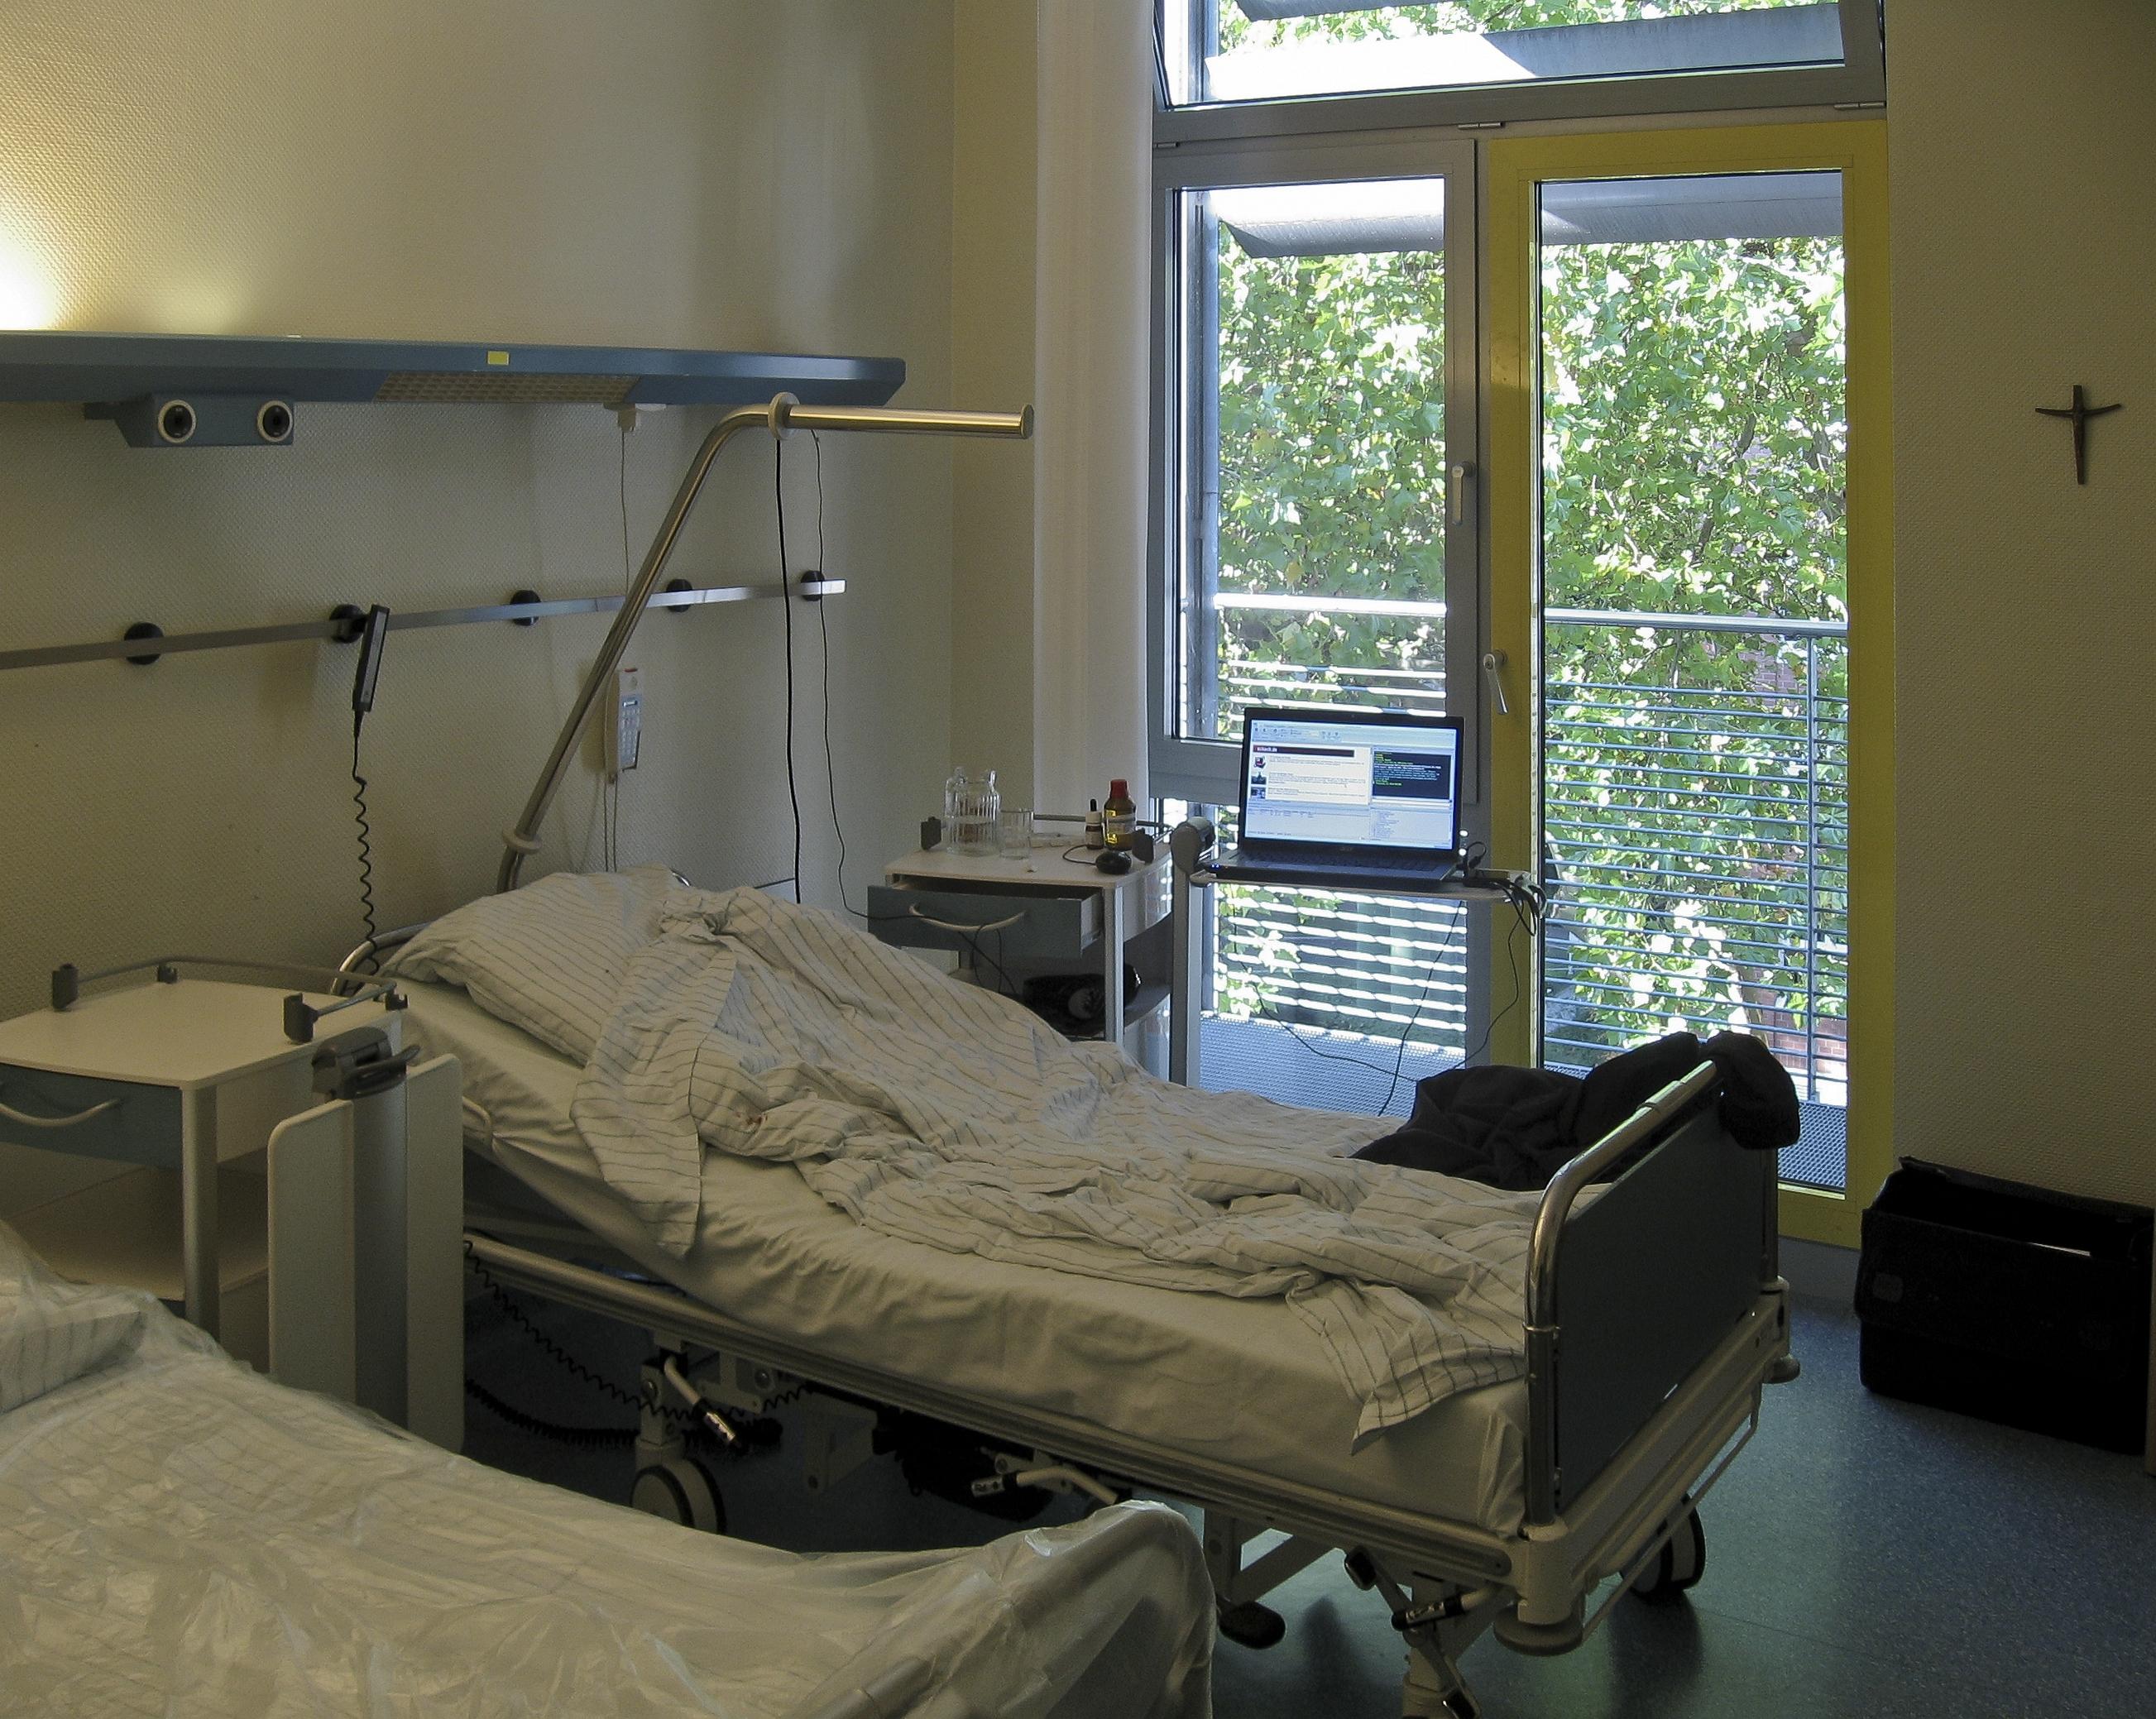 File:2-Bett-Krankenzimmer-2011-Dortmund.jpg - Wikimedia Commons